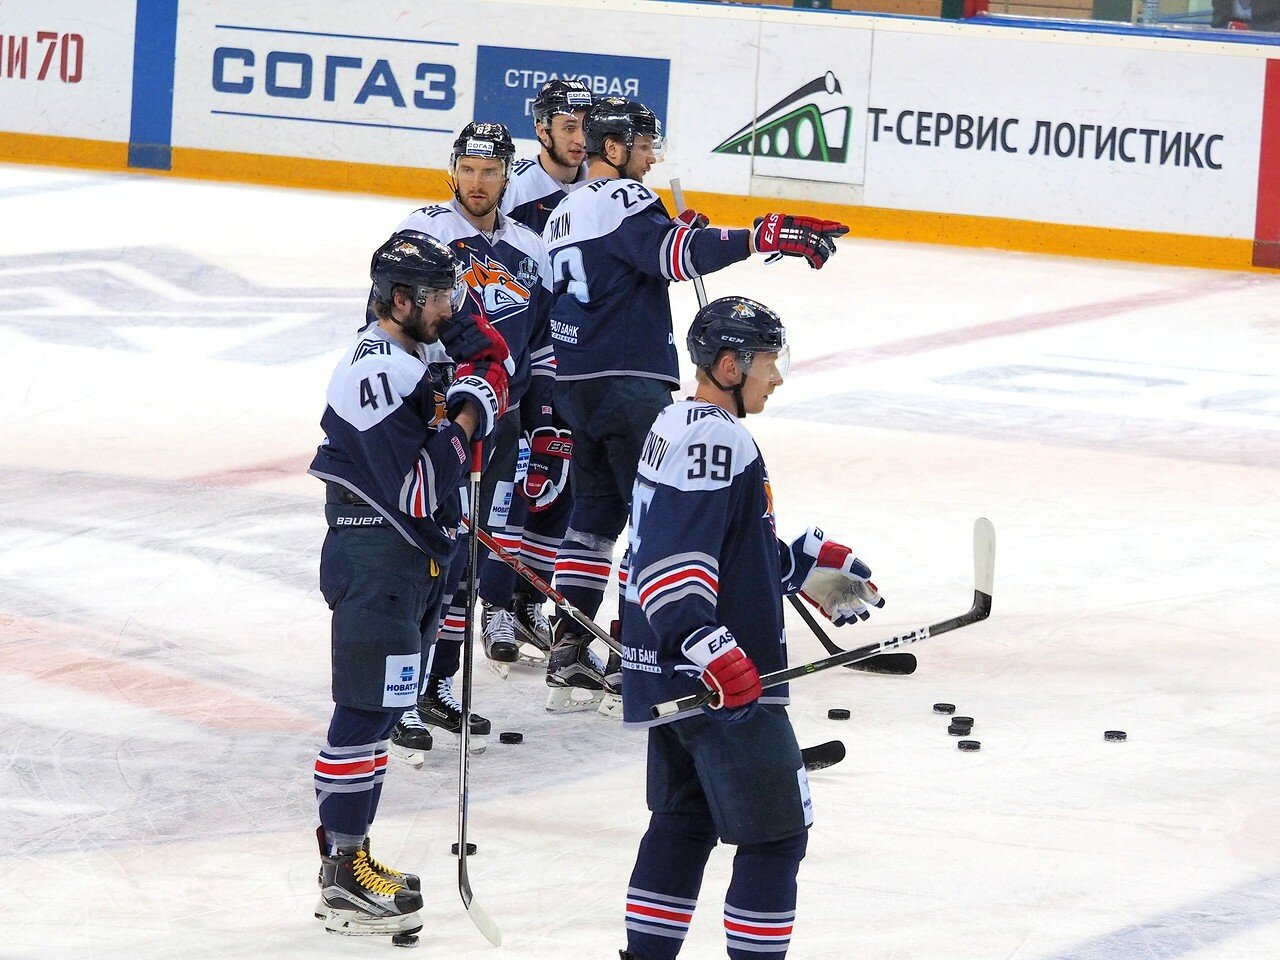 25 Первая игра финала плей-офф восточной конференции 2017 Металлург - АкБарс 24.03.2017